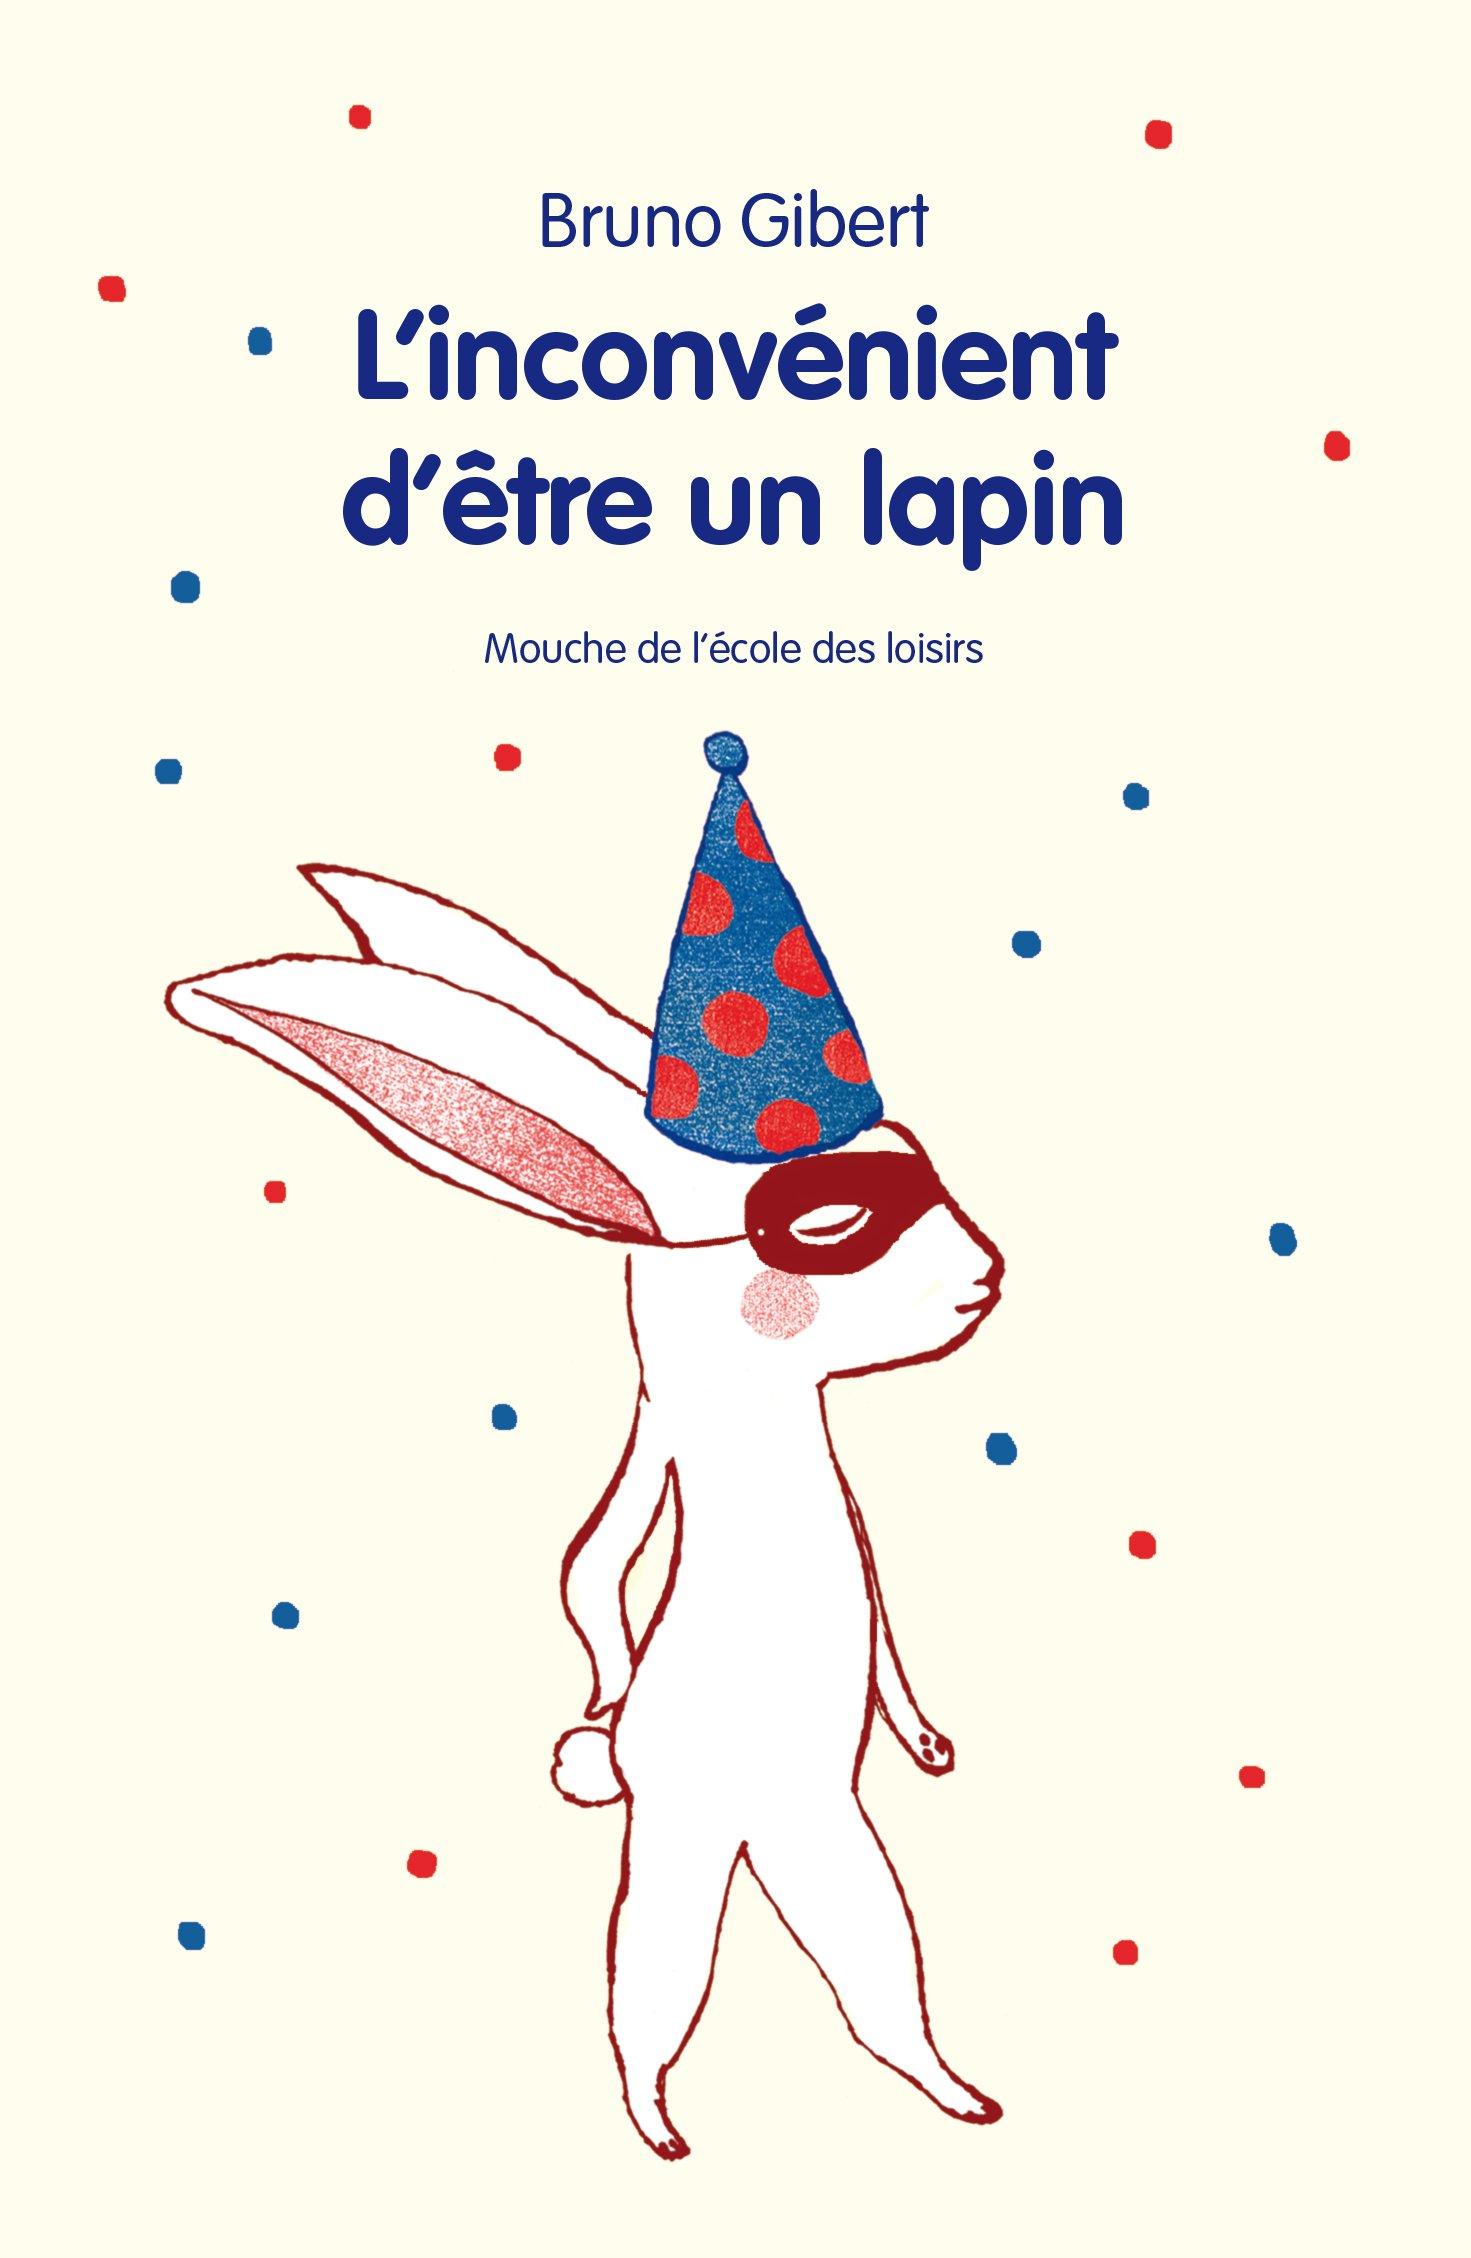 L'inconvénient d'être un lapin - Bruno Gibert